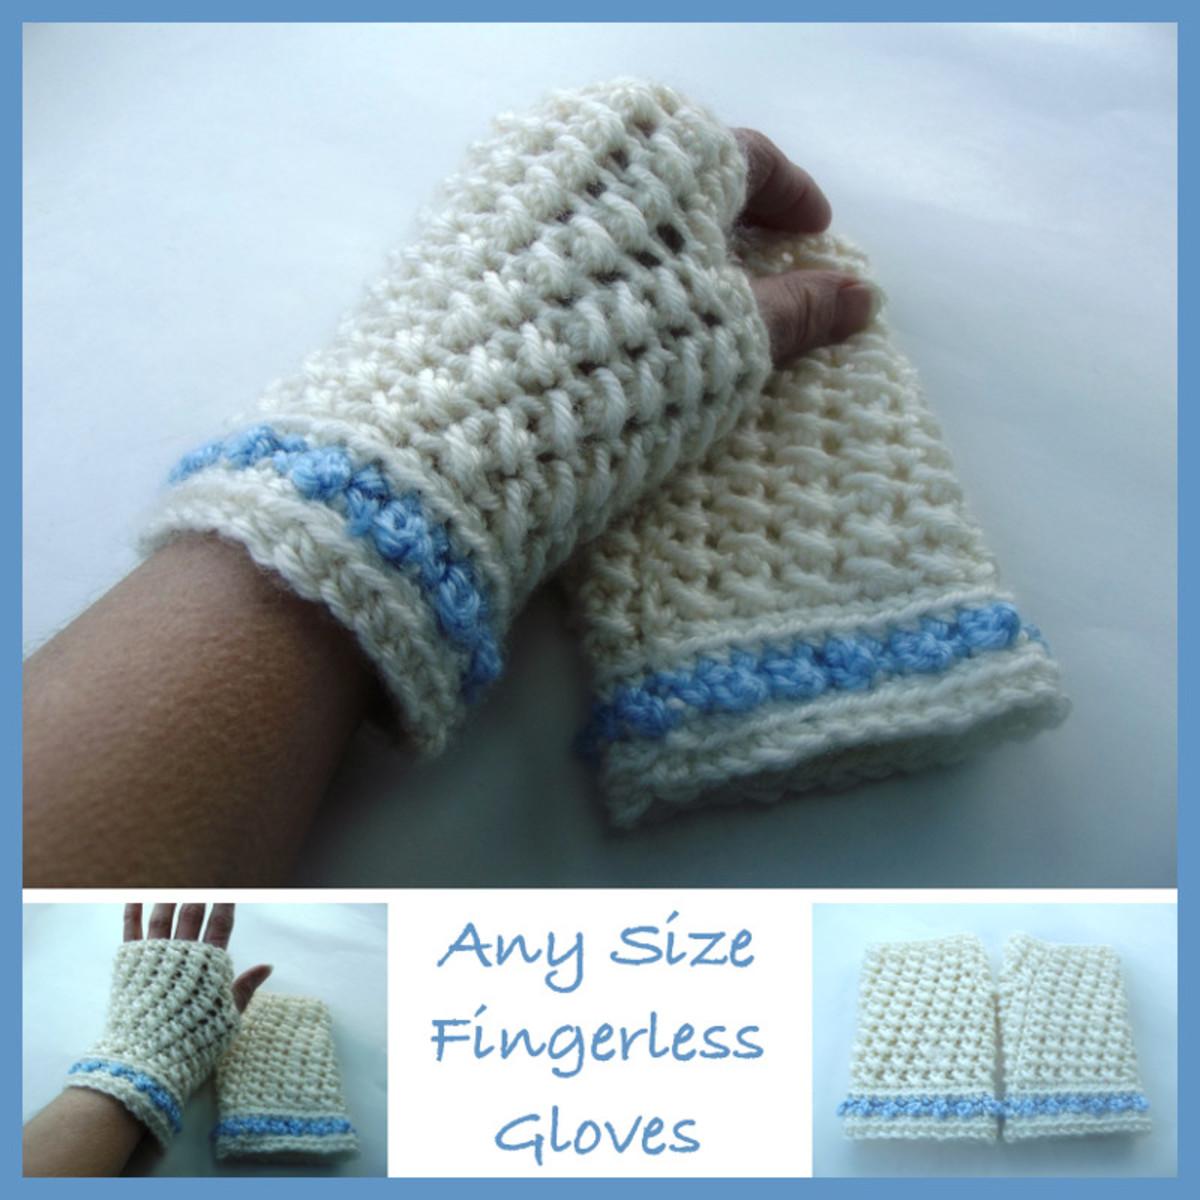 Crochet Any Size Fingerless Gloves